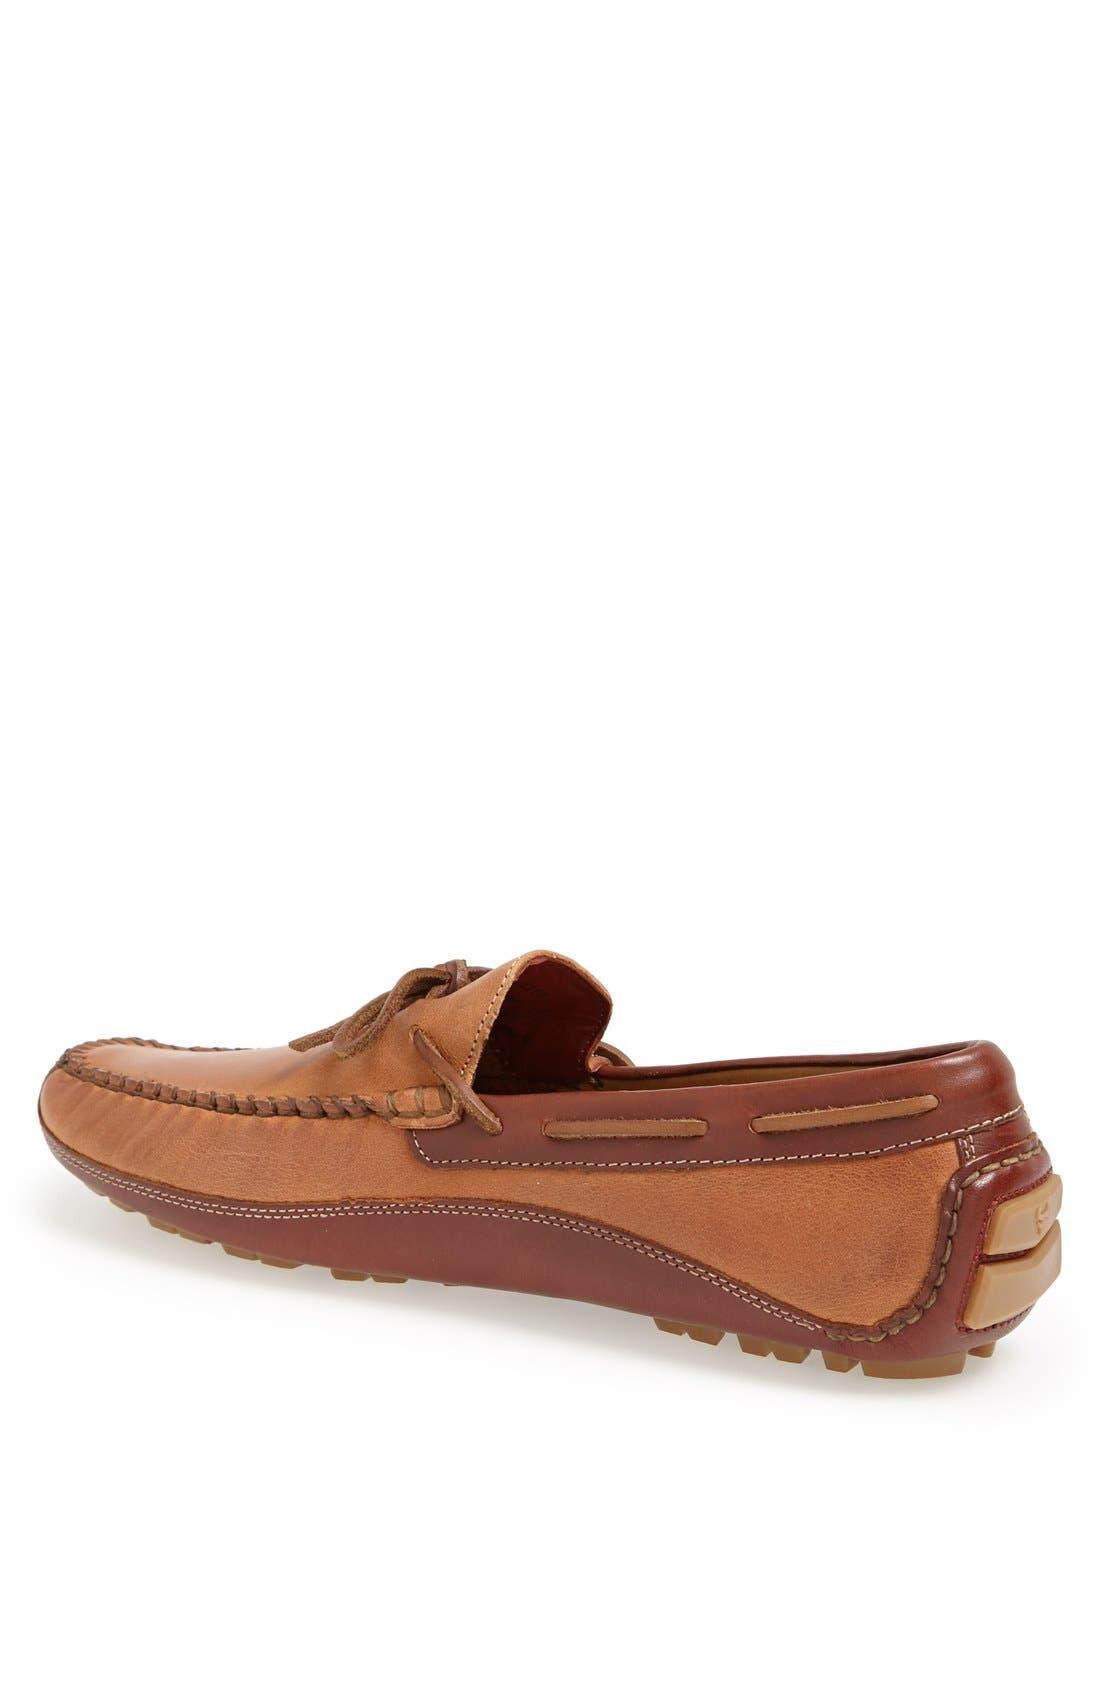 'Drake' Leather Driving Shoe,                             Alternate thumbnail 53, color,